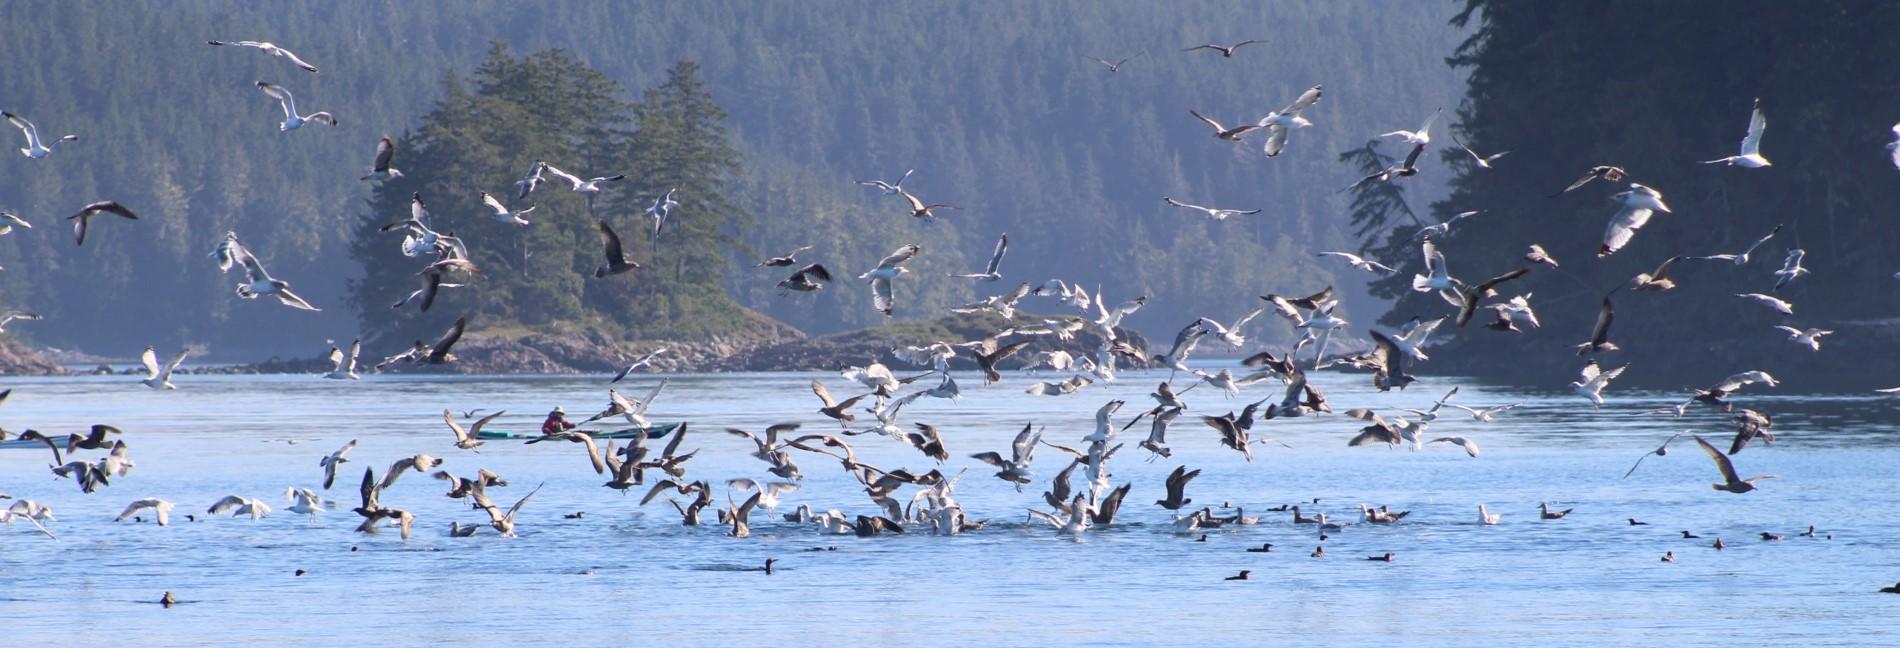 Birds feeding.JPG